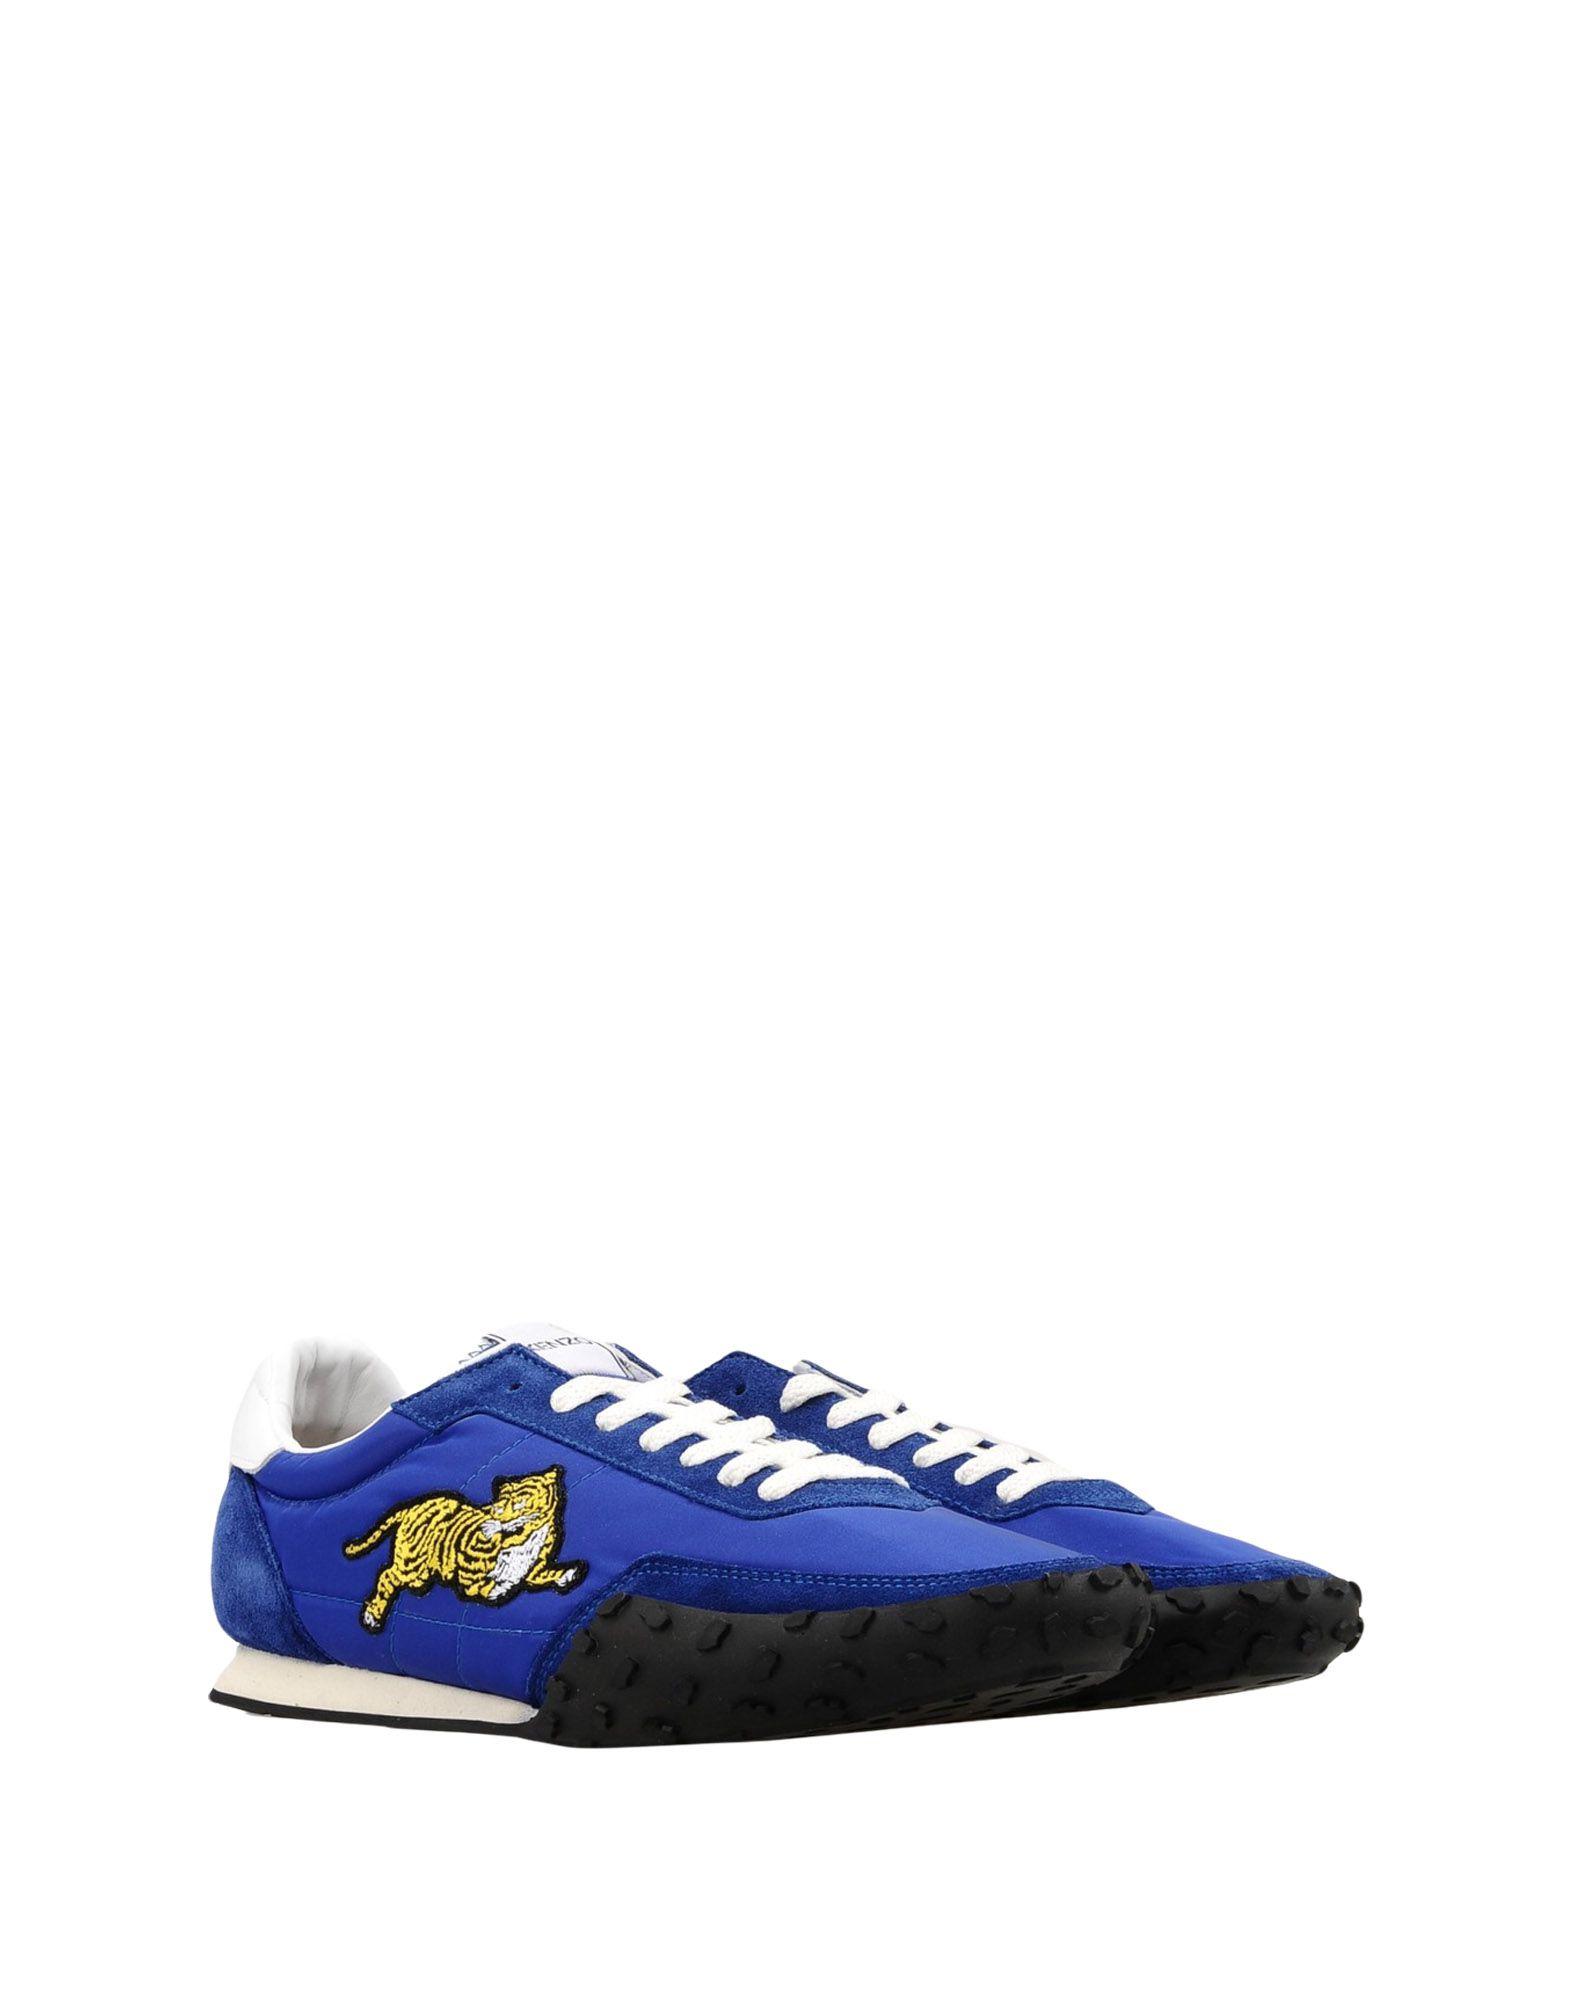 Sneakers Kenzo Kenzo Move Sneakers - Homme - Sneakers Kenzo sur